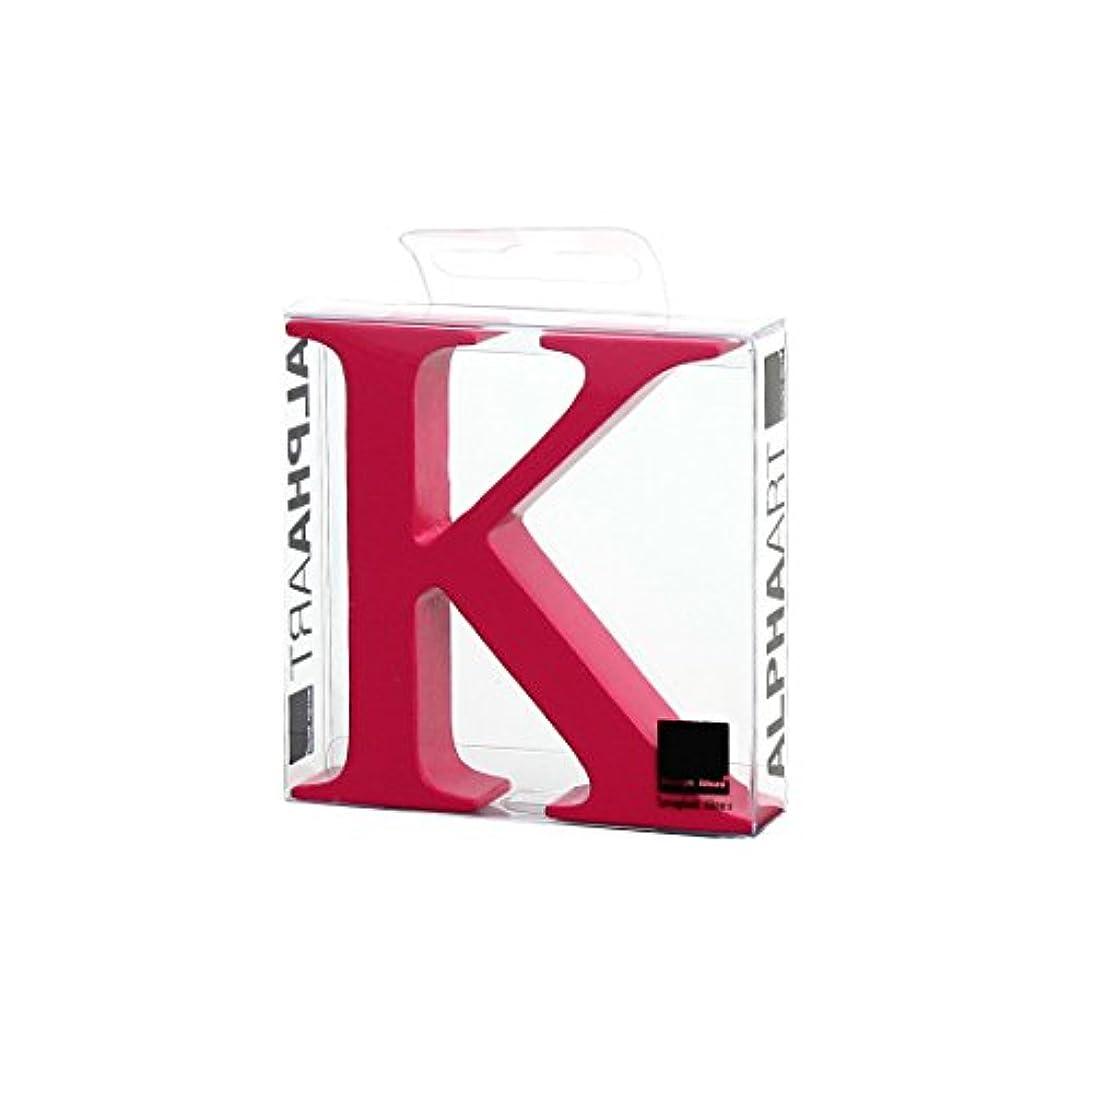 ウール海嶺カメヤマキャンドルハウス アルファベットブロック カラフル  アルファアートラージK 「 ピンク 」